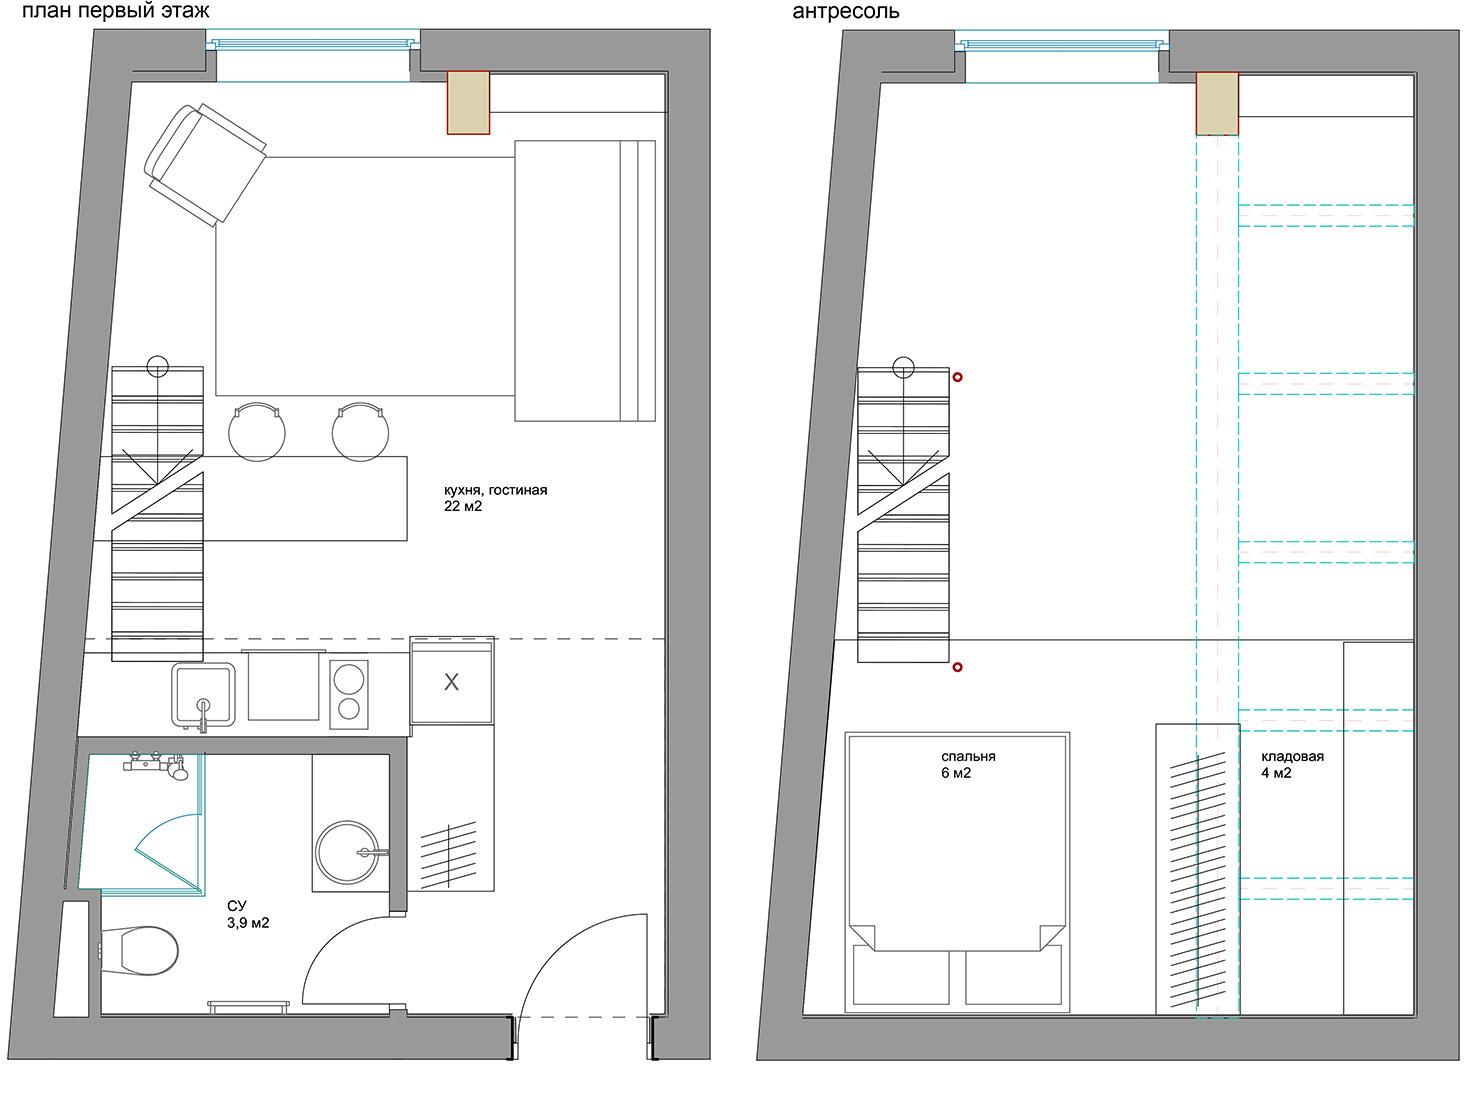 Планировка квартиры 27 кв метров фото